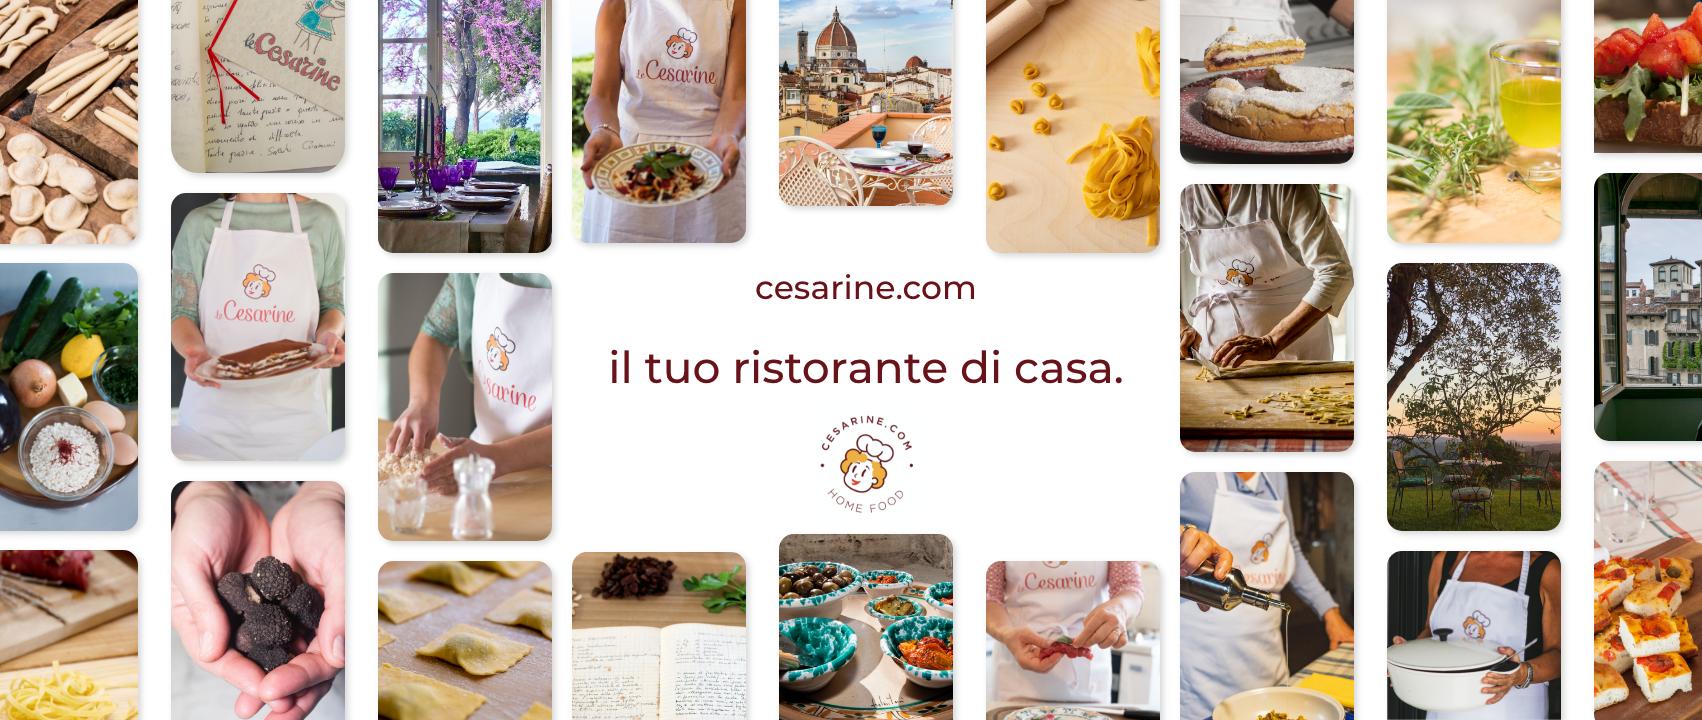 CESARINE TV | Cesarine